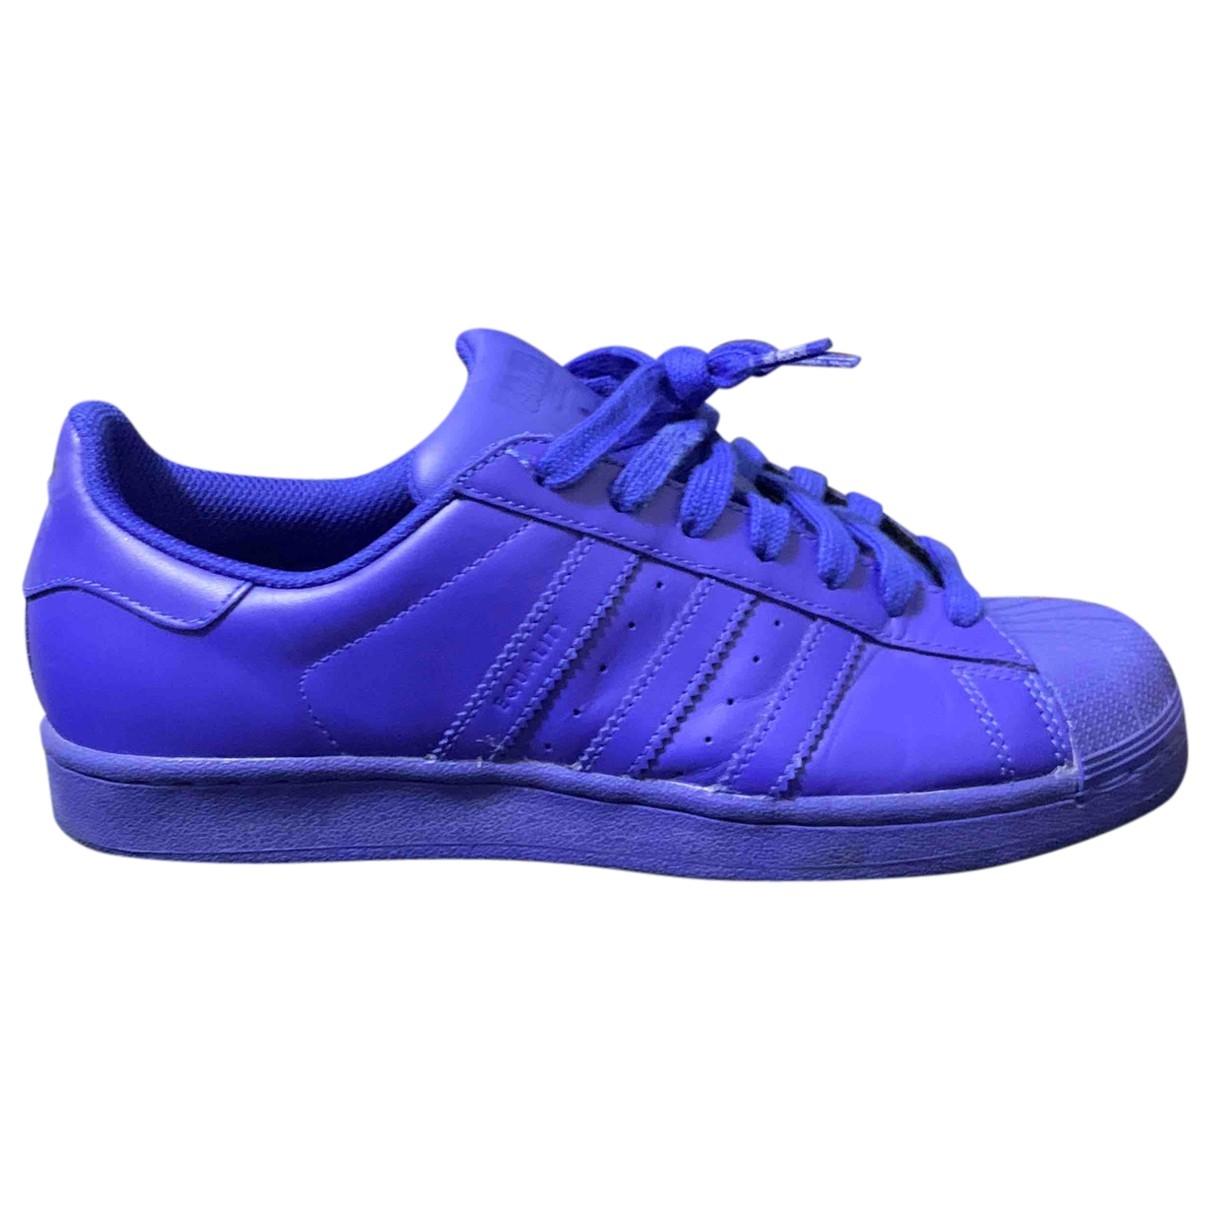 Adidas X Pharrell Williams - Baskets   pour homme en caoutchouc - bleu